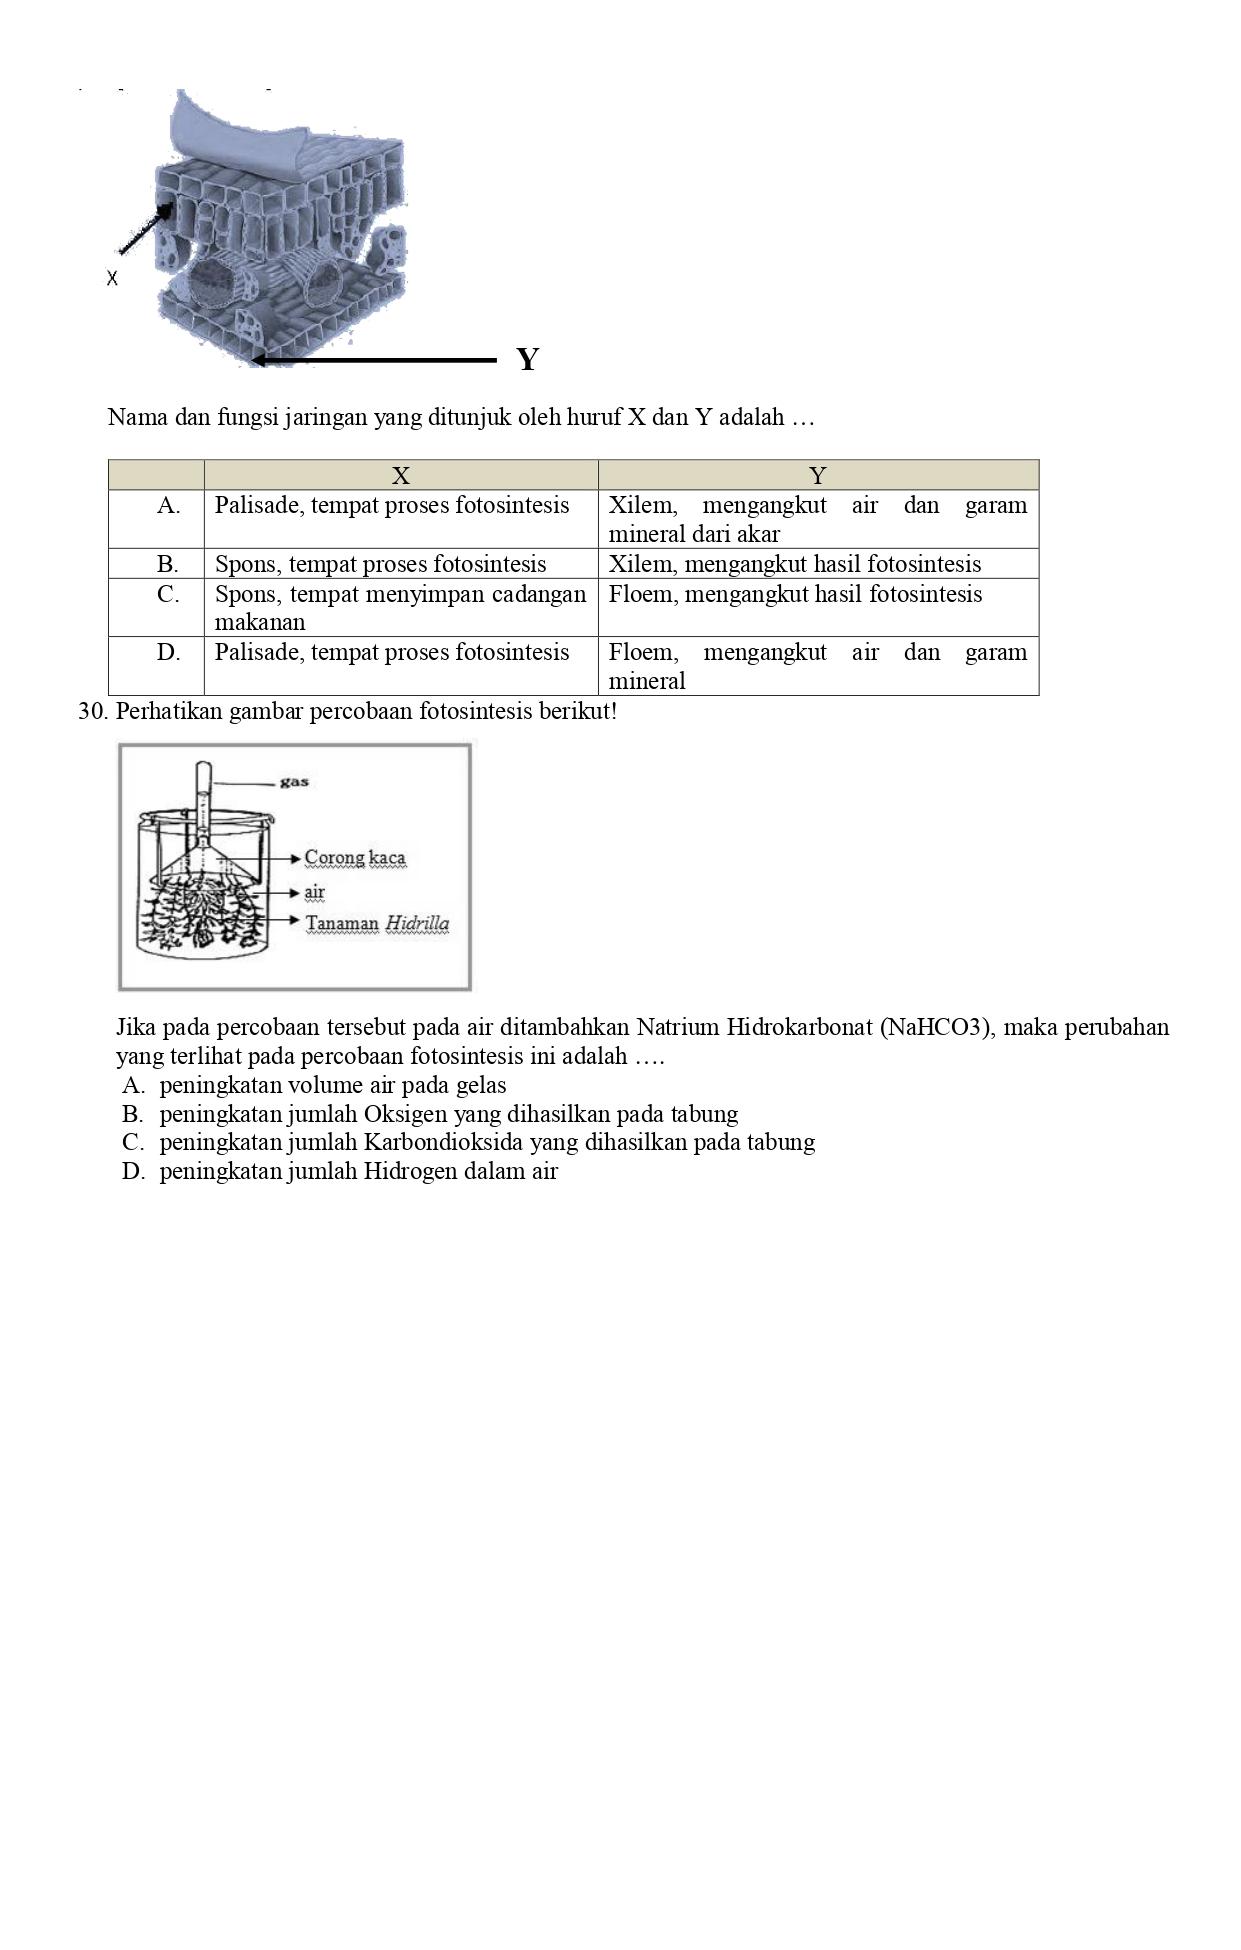 TUGAS IPA KELAS 9 I,J,K,L_page-0007